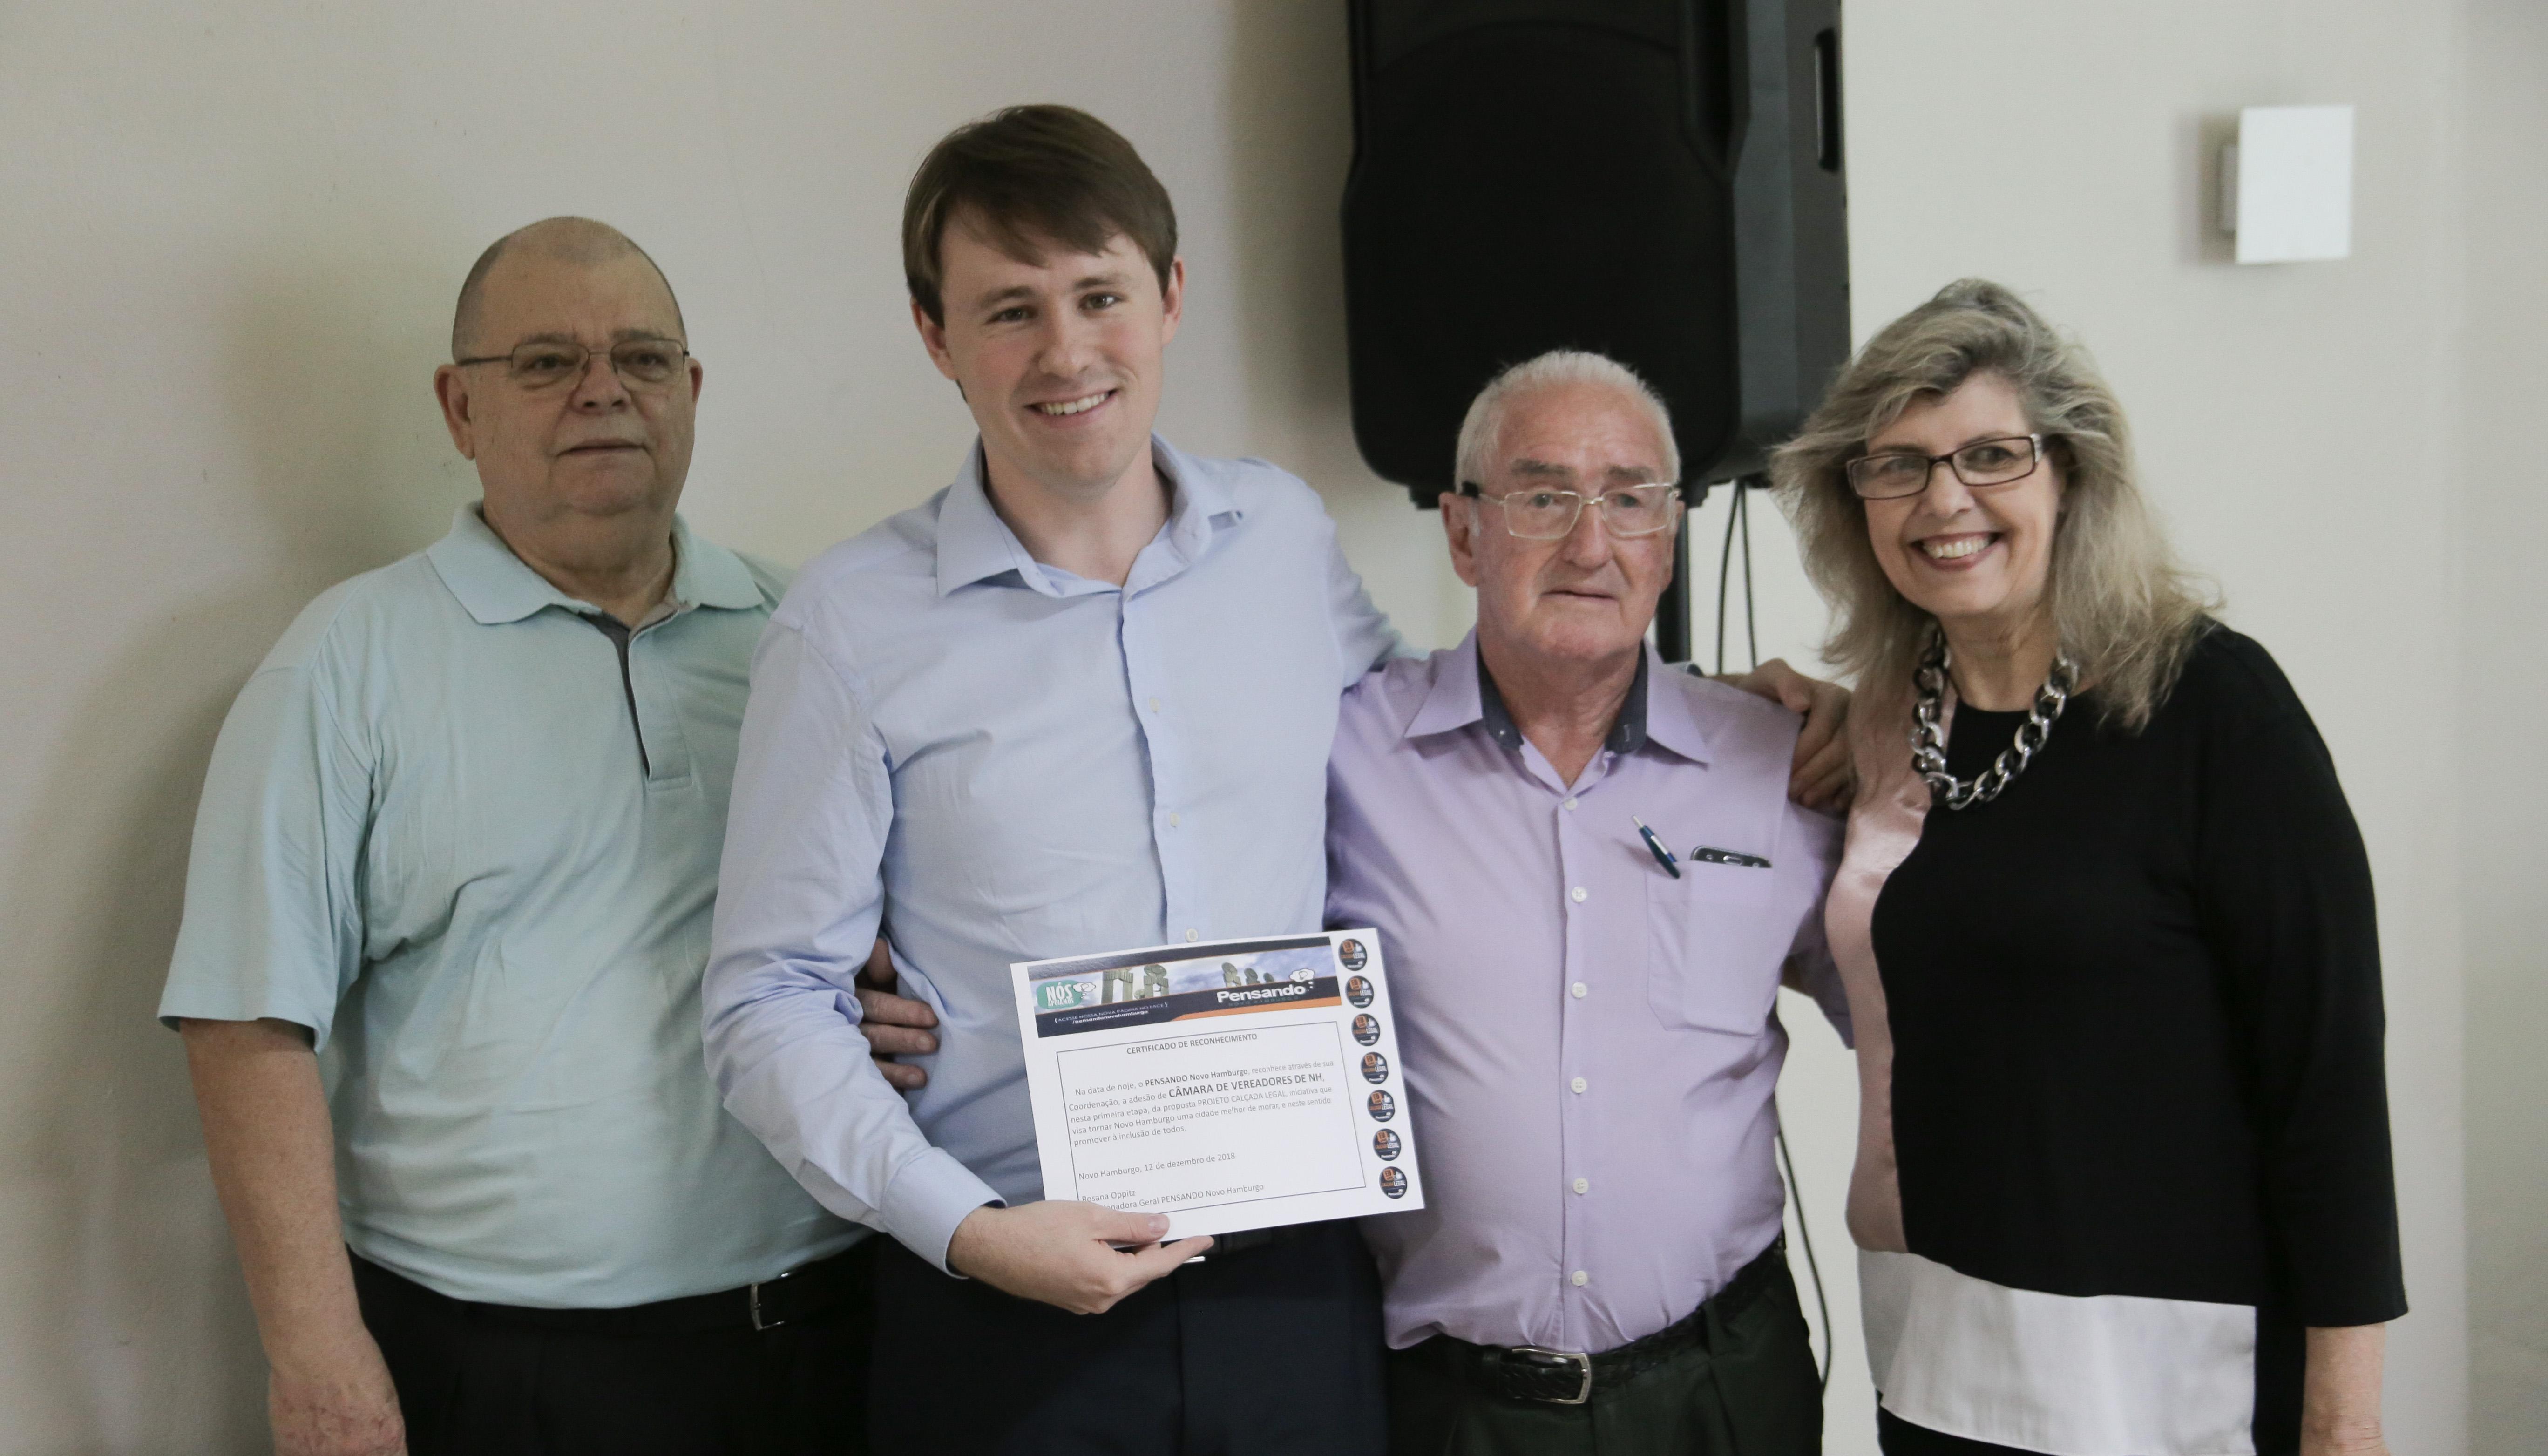 Câmara recebe reconhecimento do Grupo Pensando Novo Hamburgo